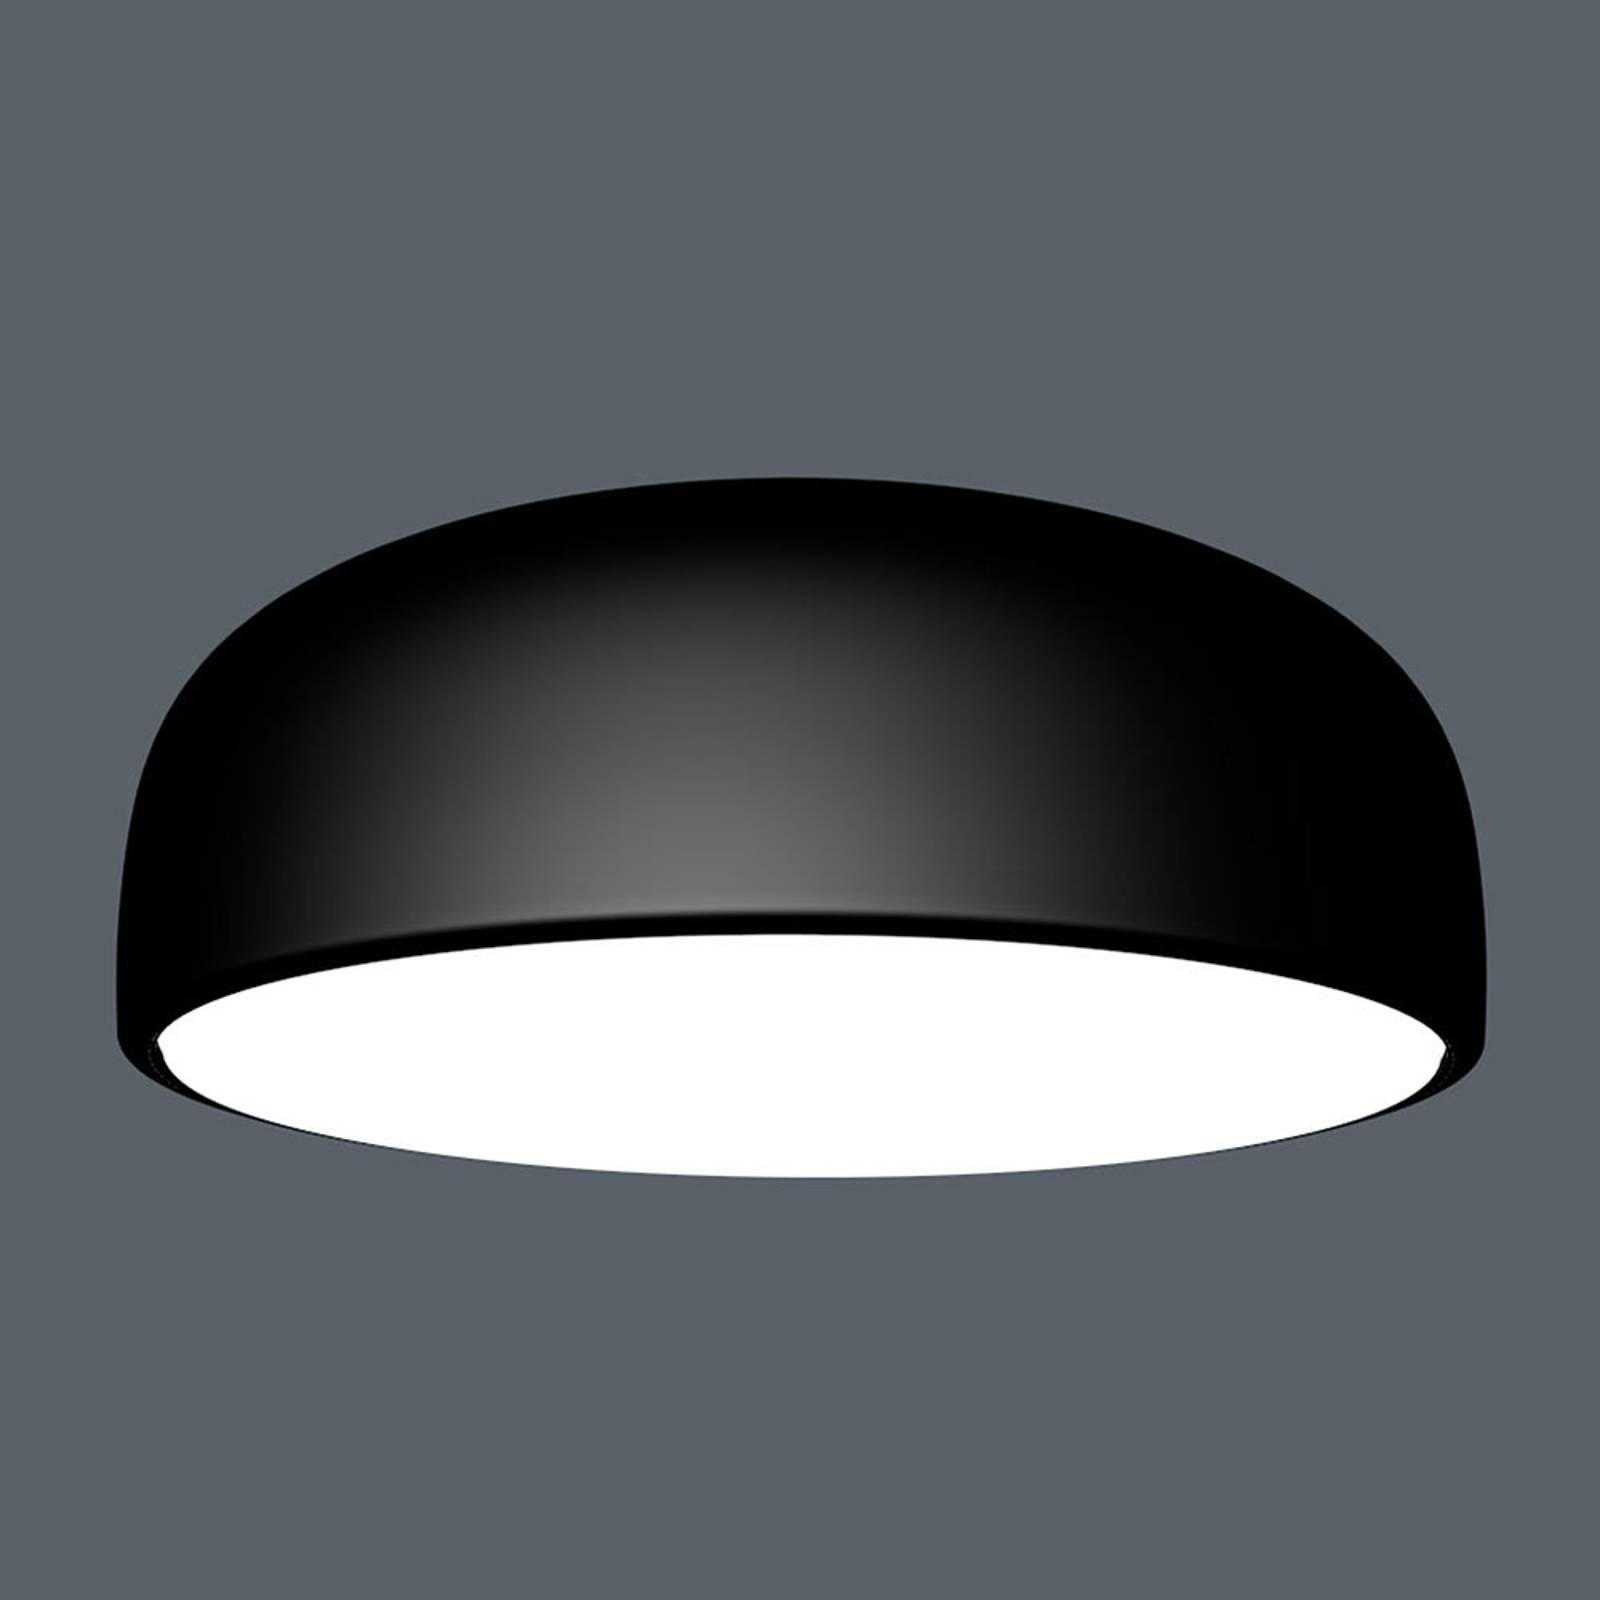 FLOS Smithfield C LED-Deckenleuchte, matt schwarz